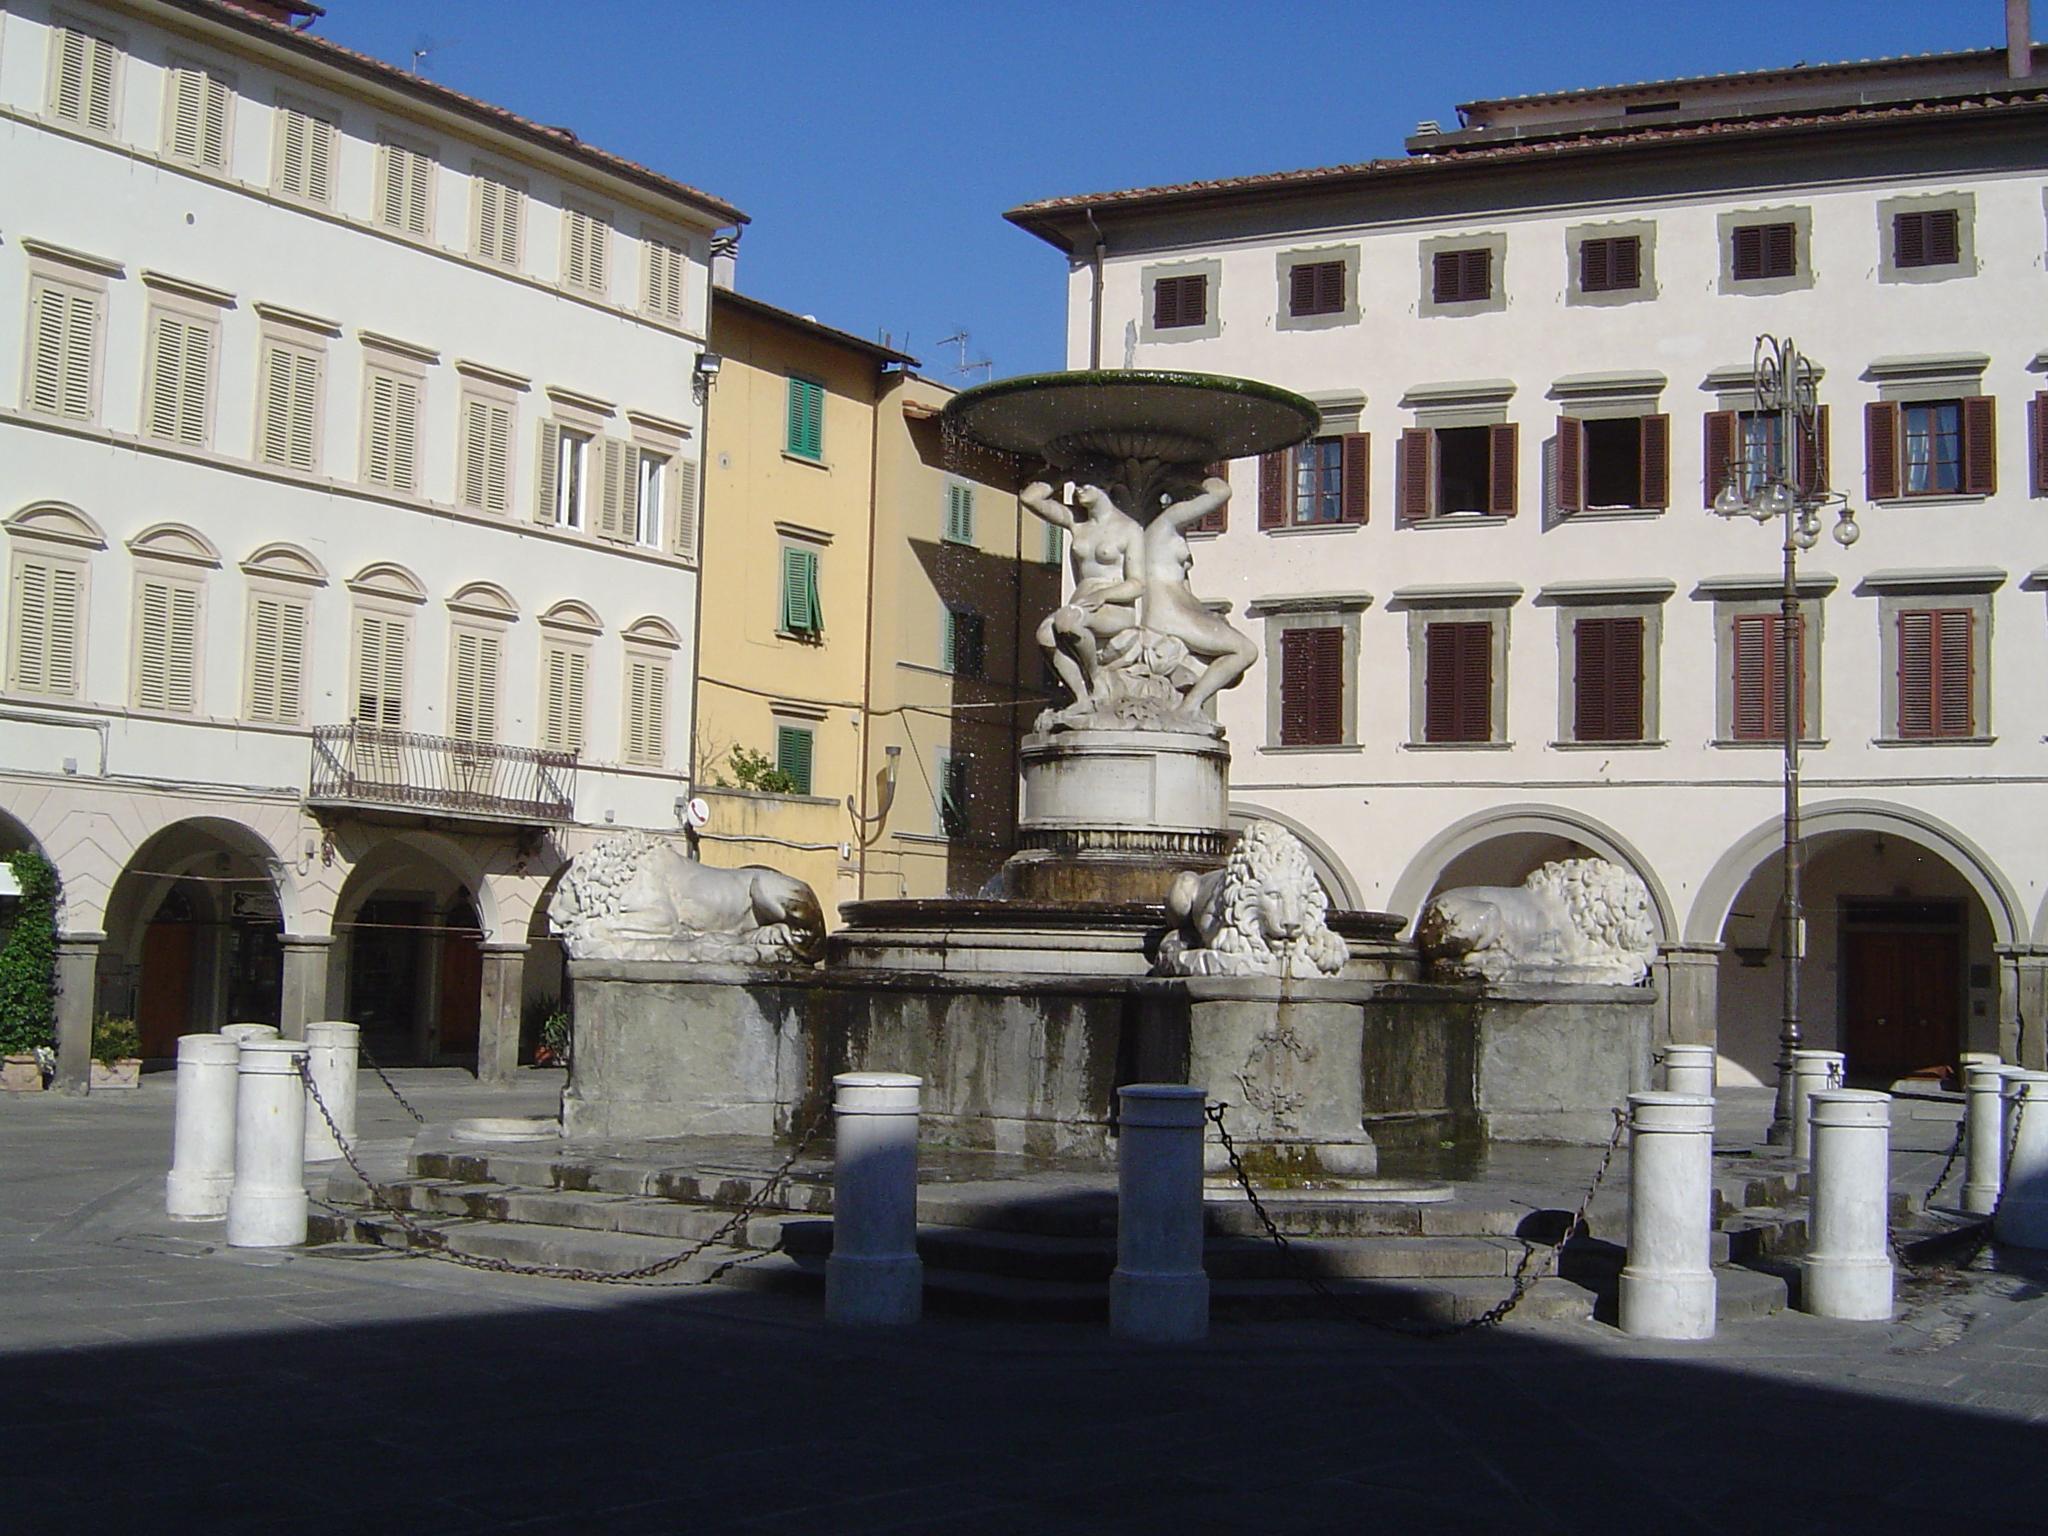 CupSolidale Empoli: Prenotazioni sanitarie a Empoli disponibilità immediata, costo come ticket